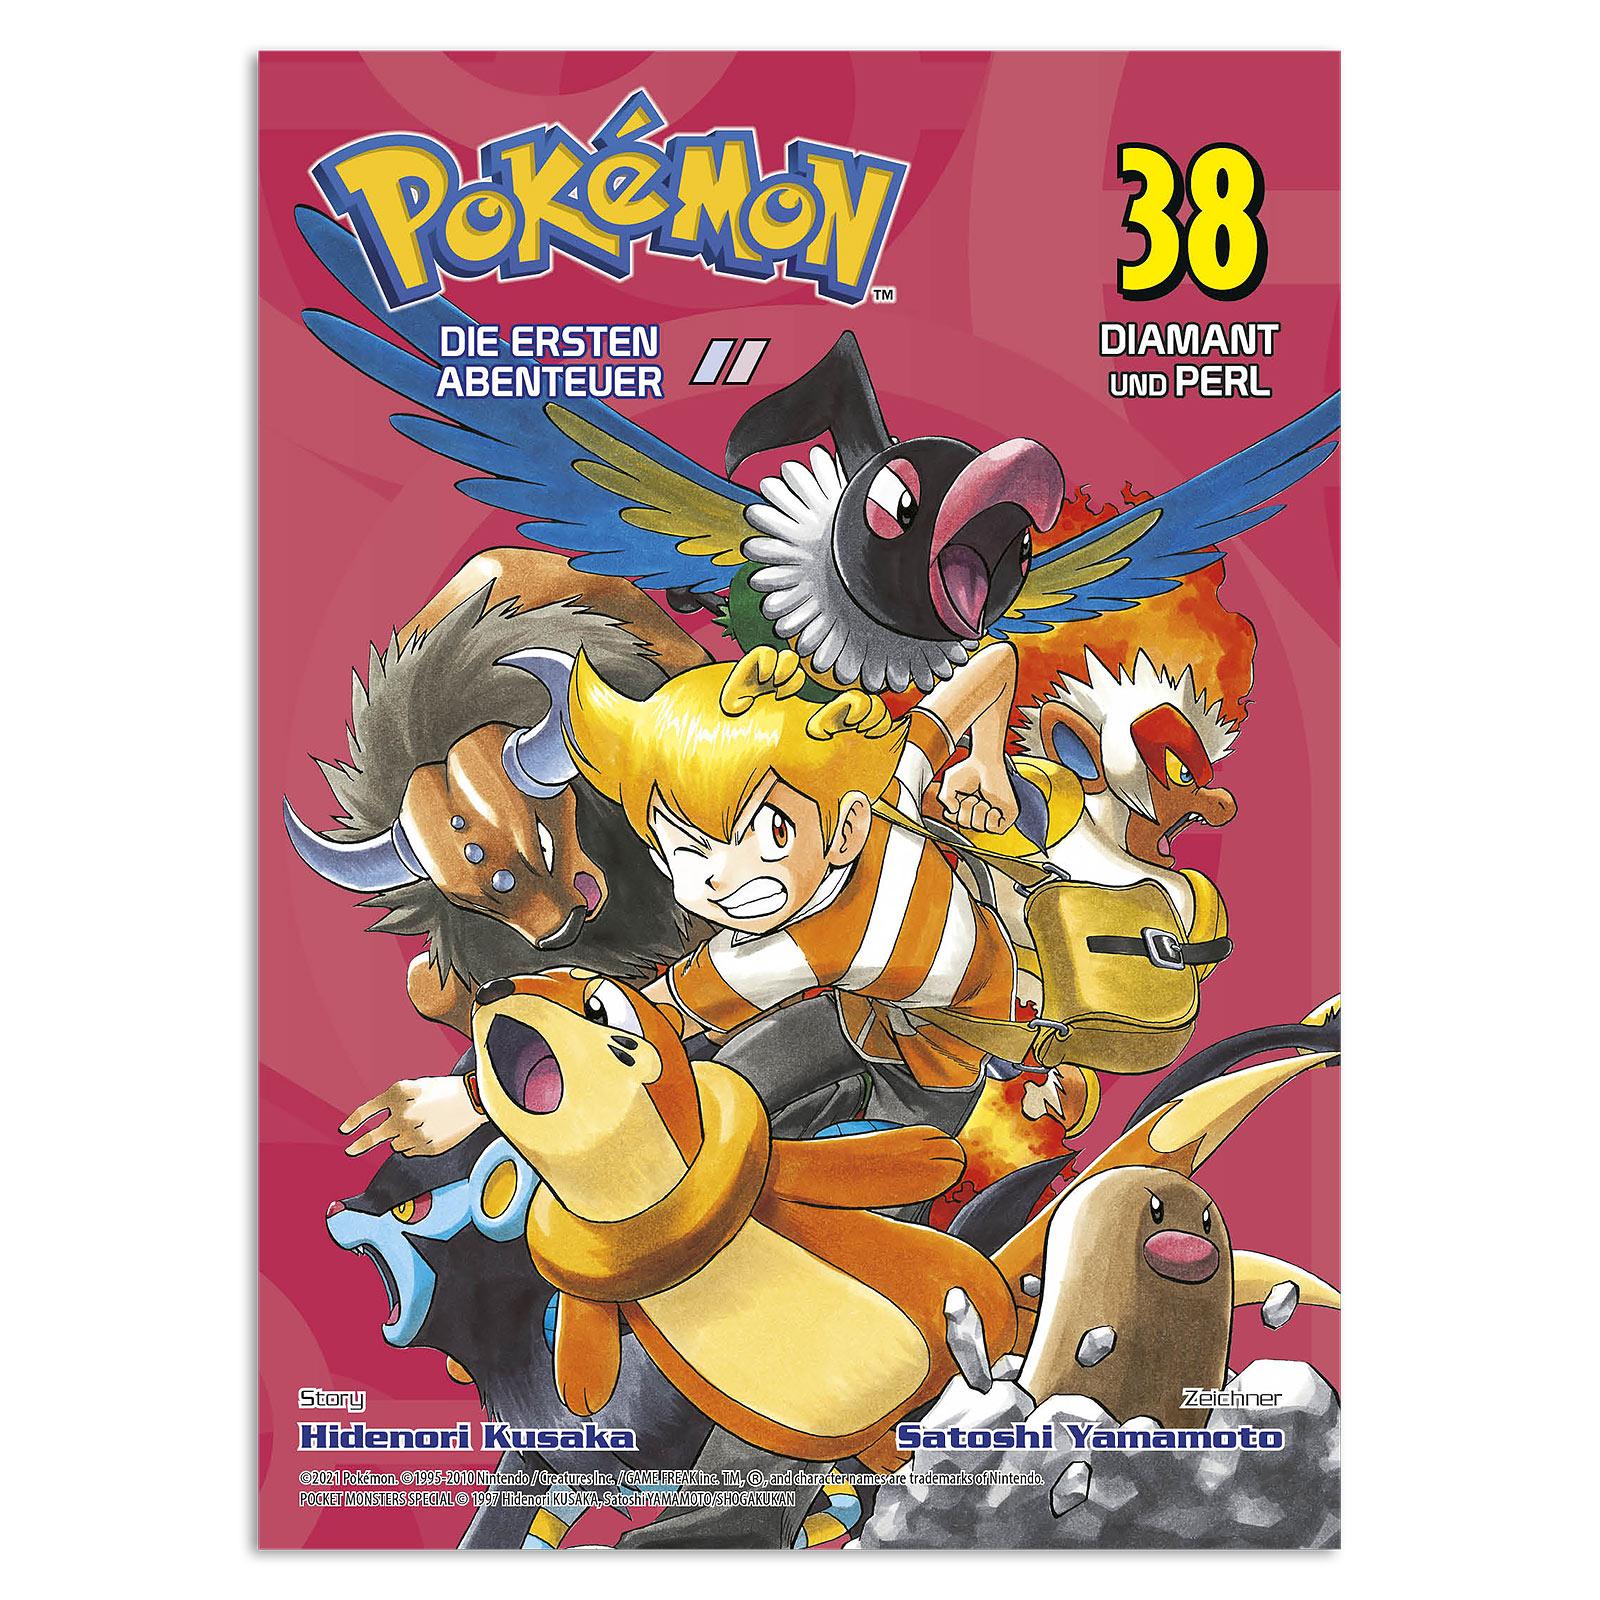 Pokémon - Die ersten Abenteuer Band 38 Taschenbuch